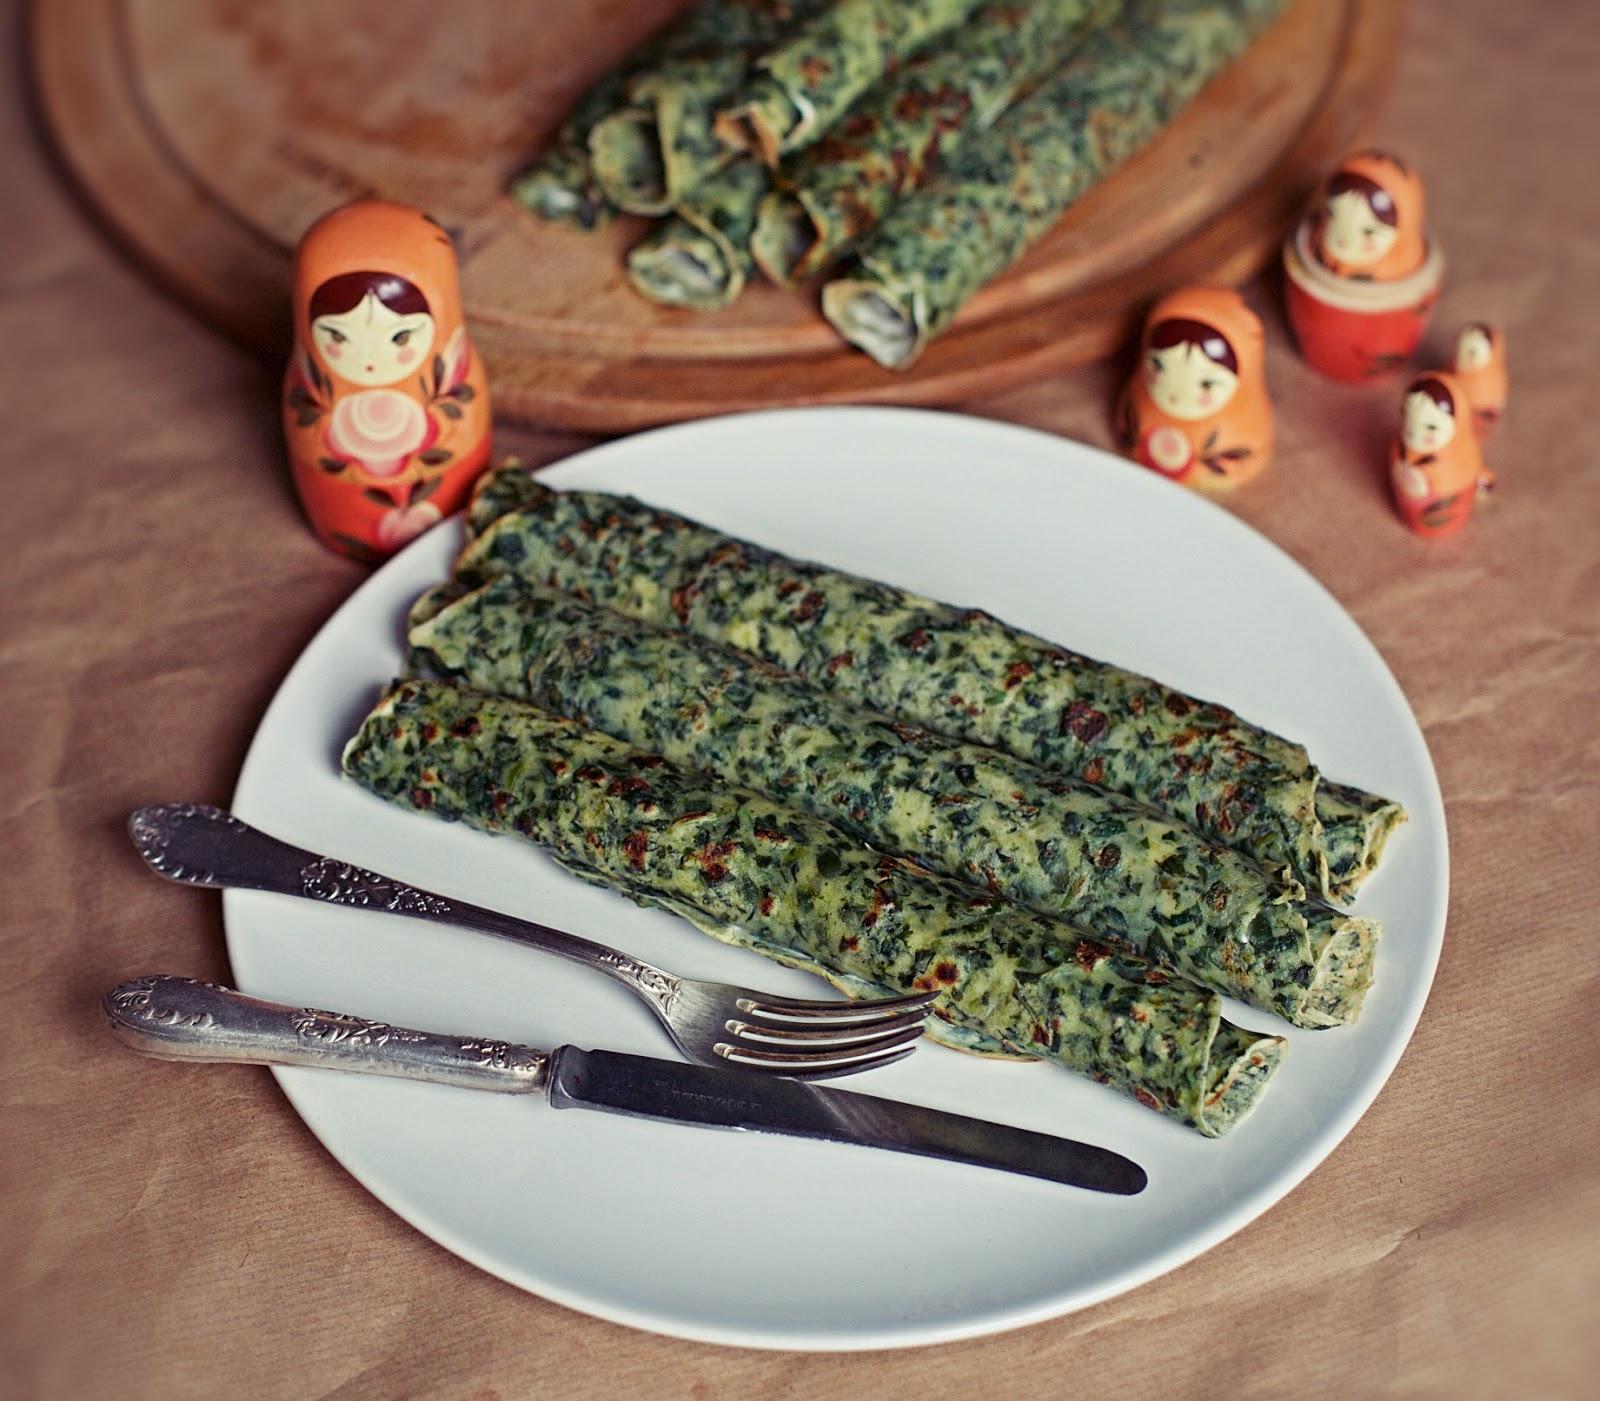 Smaki Prowincji Bliny Naleśniki Rosyjskiej Kuchni